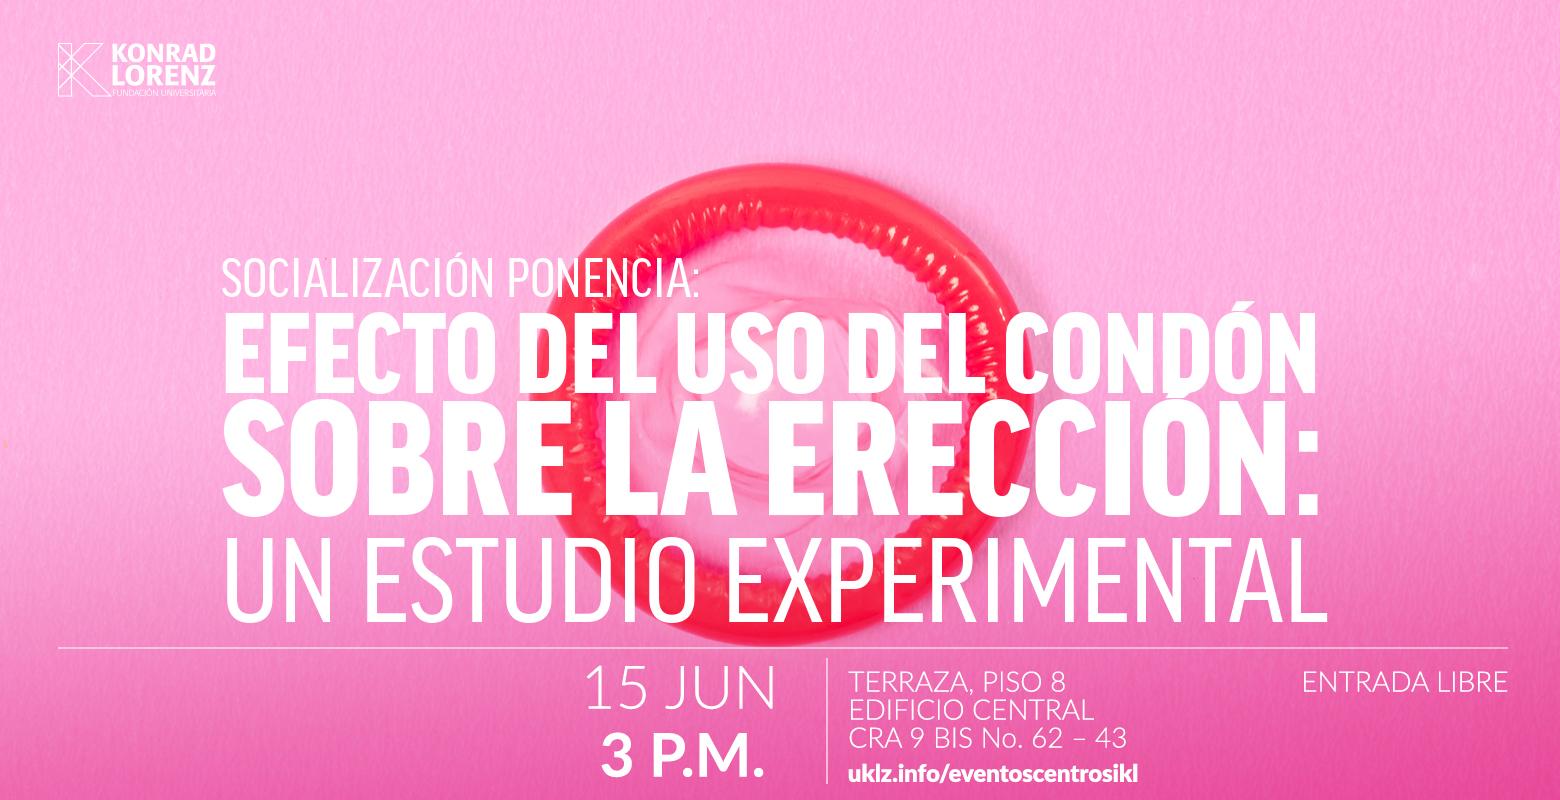 """Socialización ponencia: """"Efecto del uso del condón sobre la erección: un estudio experimental""""."""